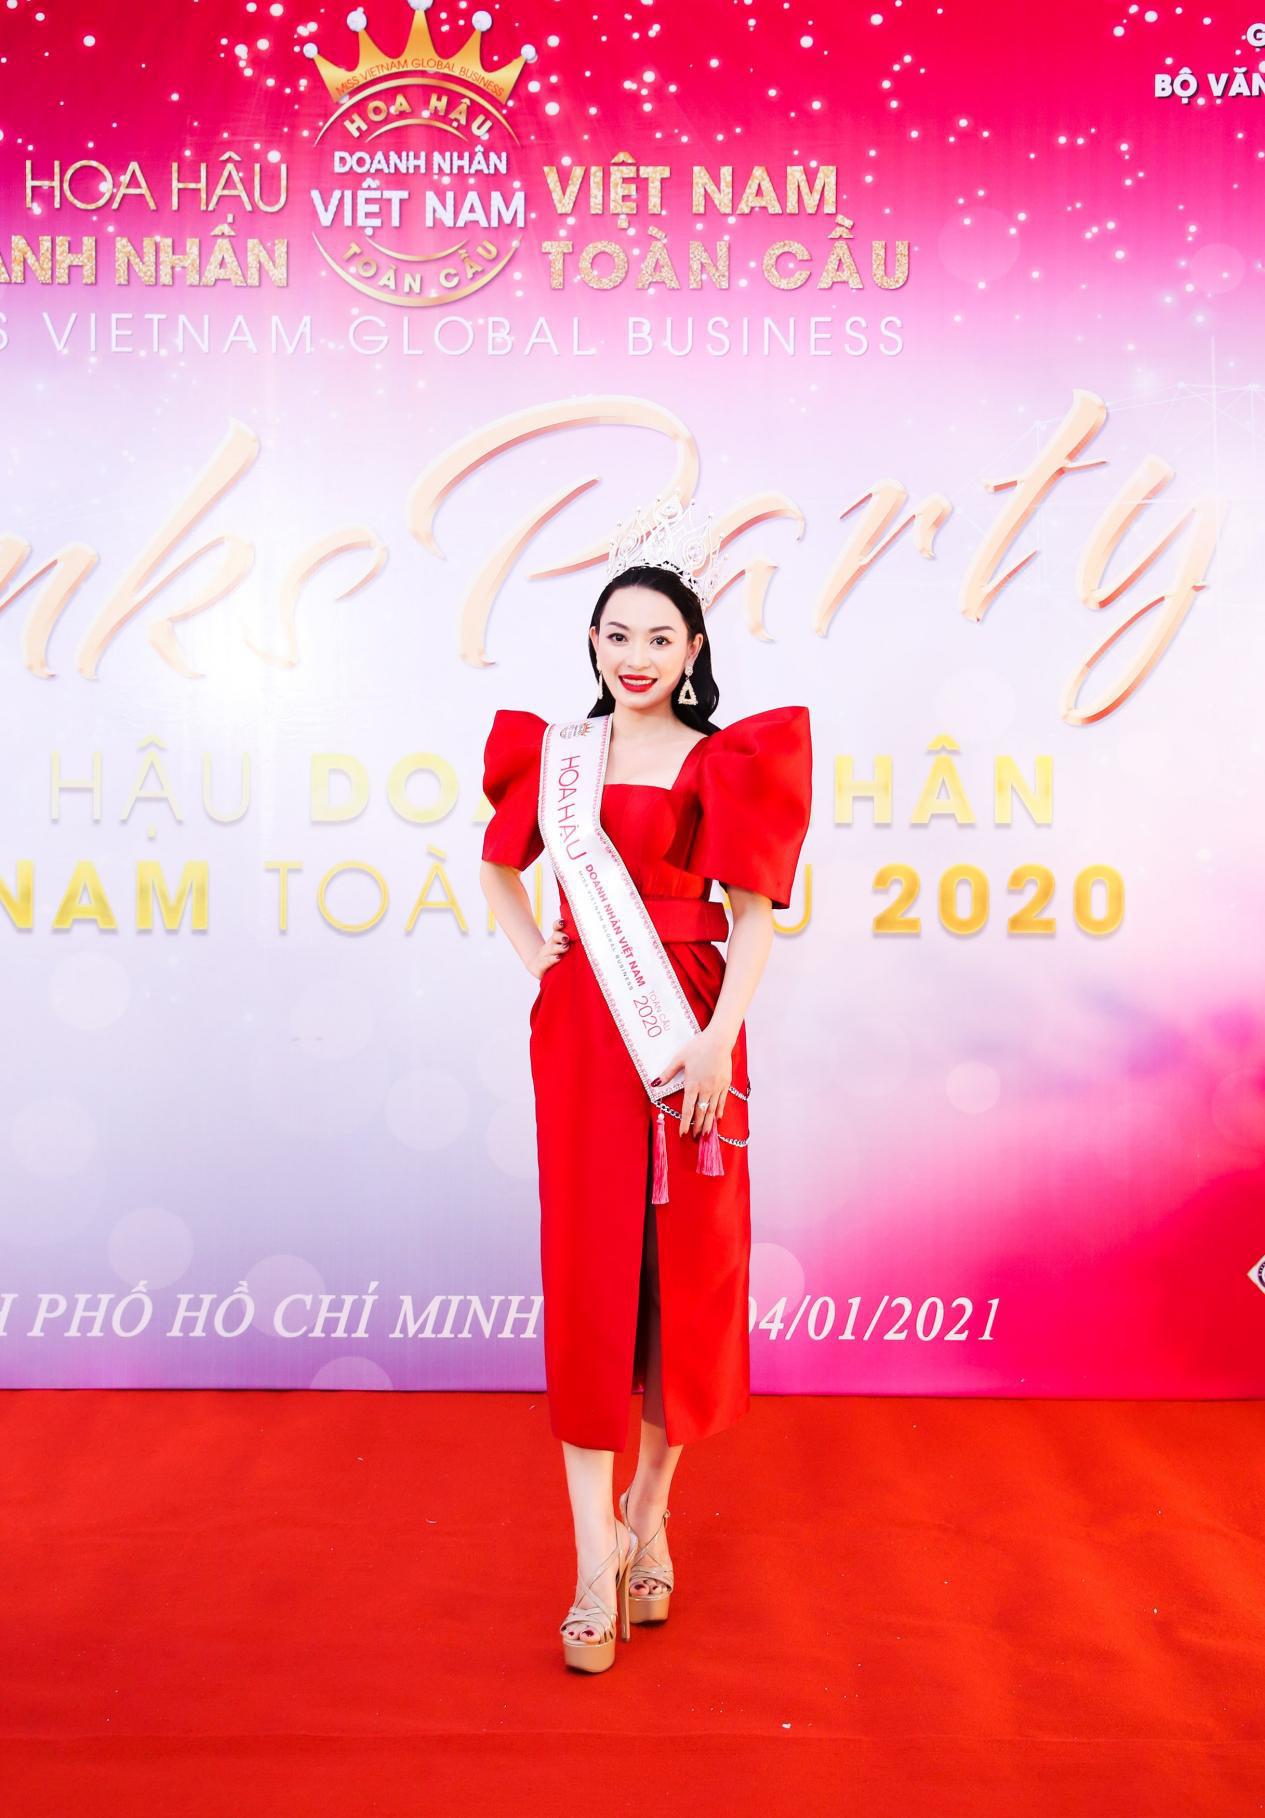 Tân Hoa hậu Vũ Thị Ngọc Anh ngồi ghế nóng Nữ hoàng Doanh nhân đất Việt 2021 - Ảnh 3.